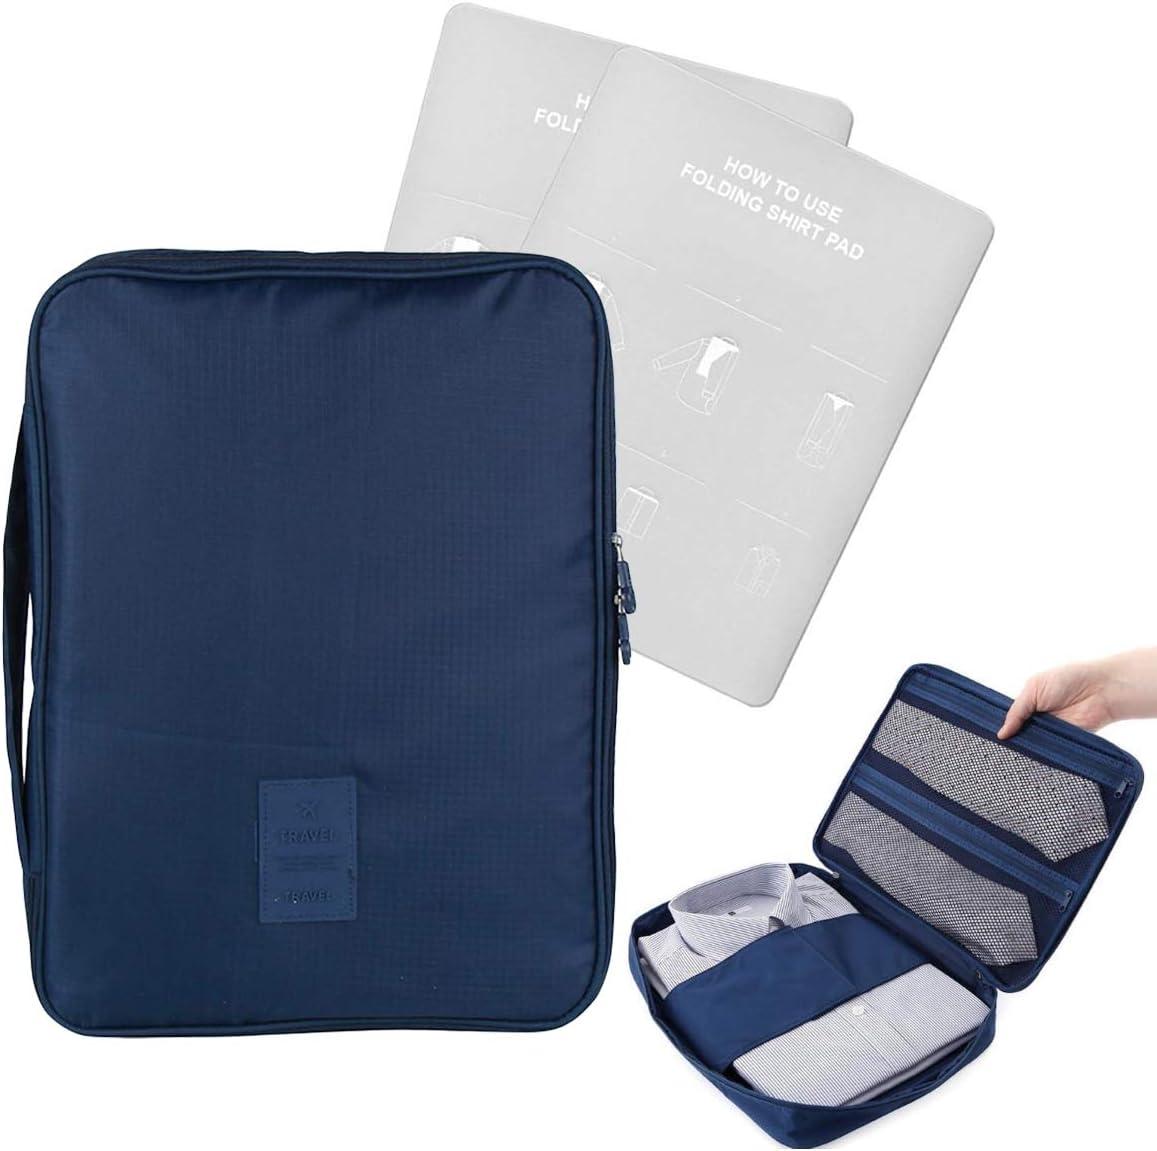 EQLEF Wrinkle-proof camisa y corbata de almacenamiento organizador portátil camisa con mango para viajes Pack viajes de empresa